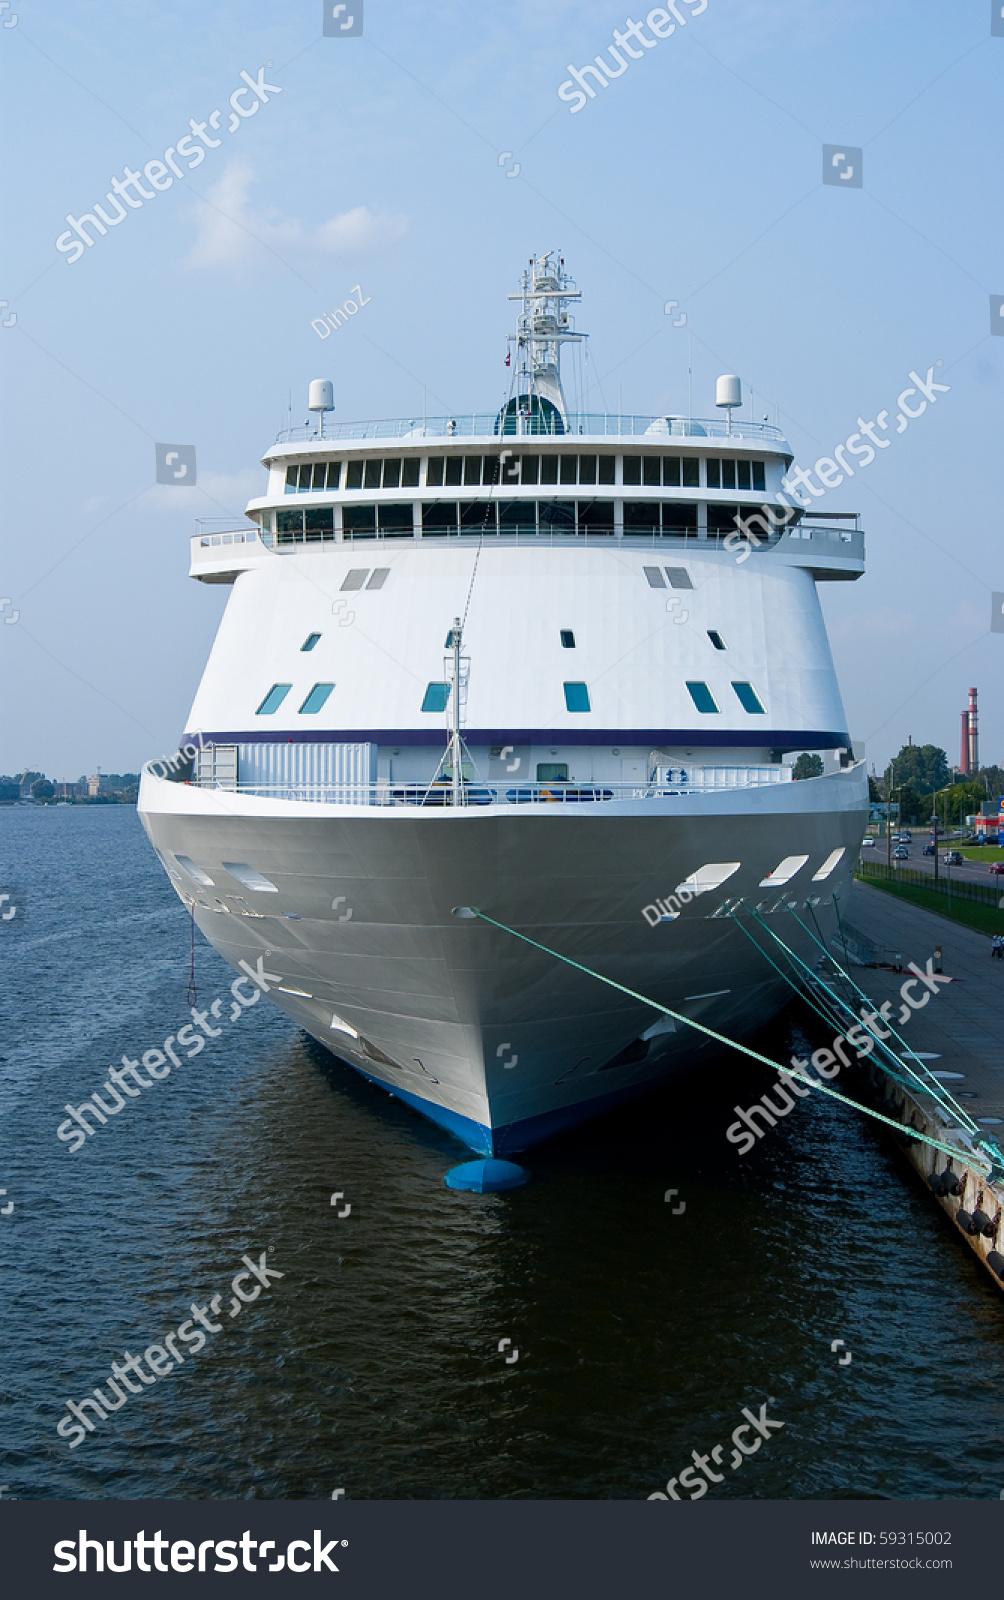 Big Cruise Ship Front View Stock Photo Shutterstock - Big cruise ship